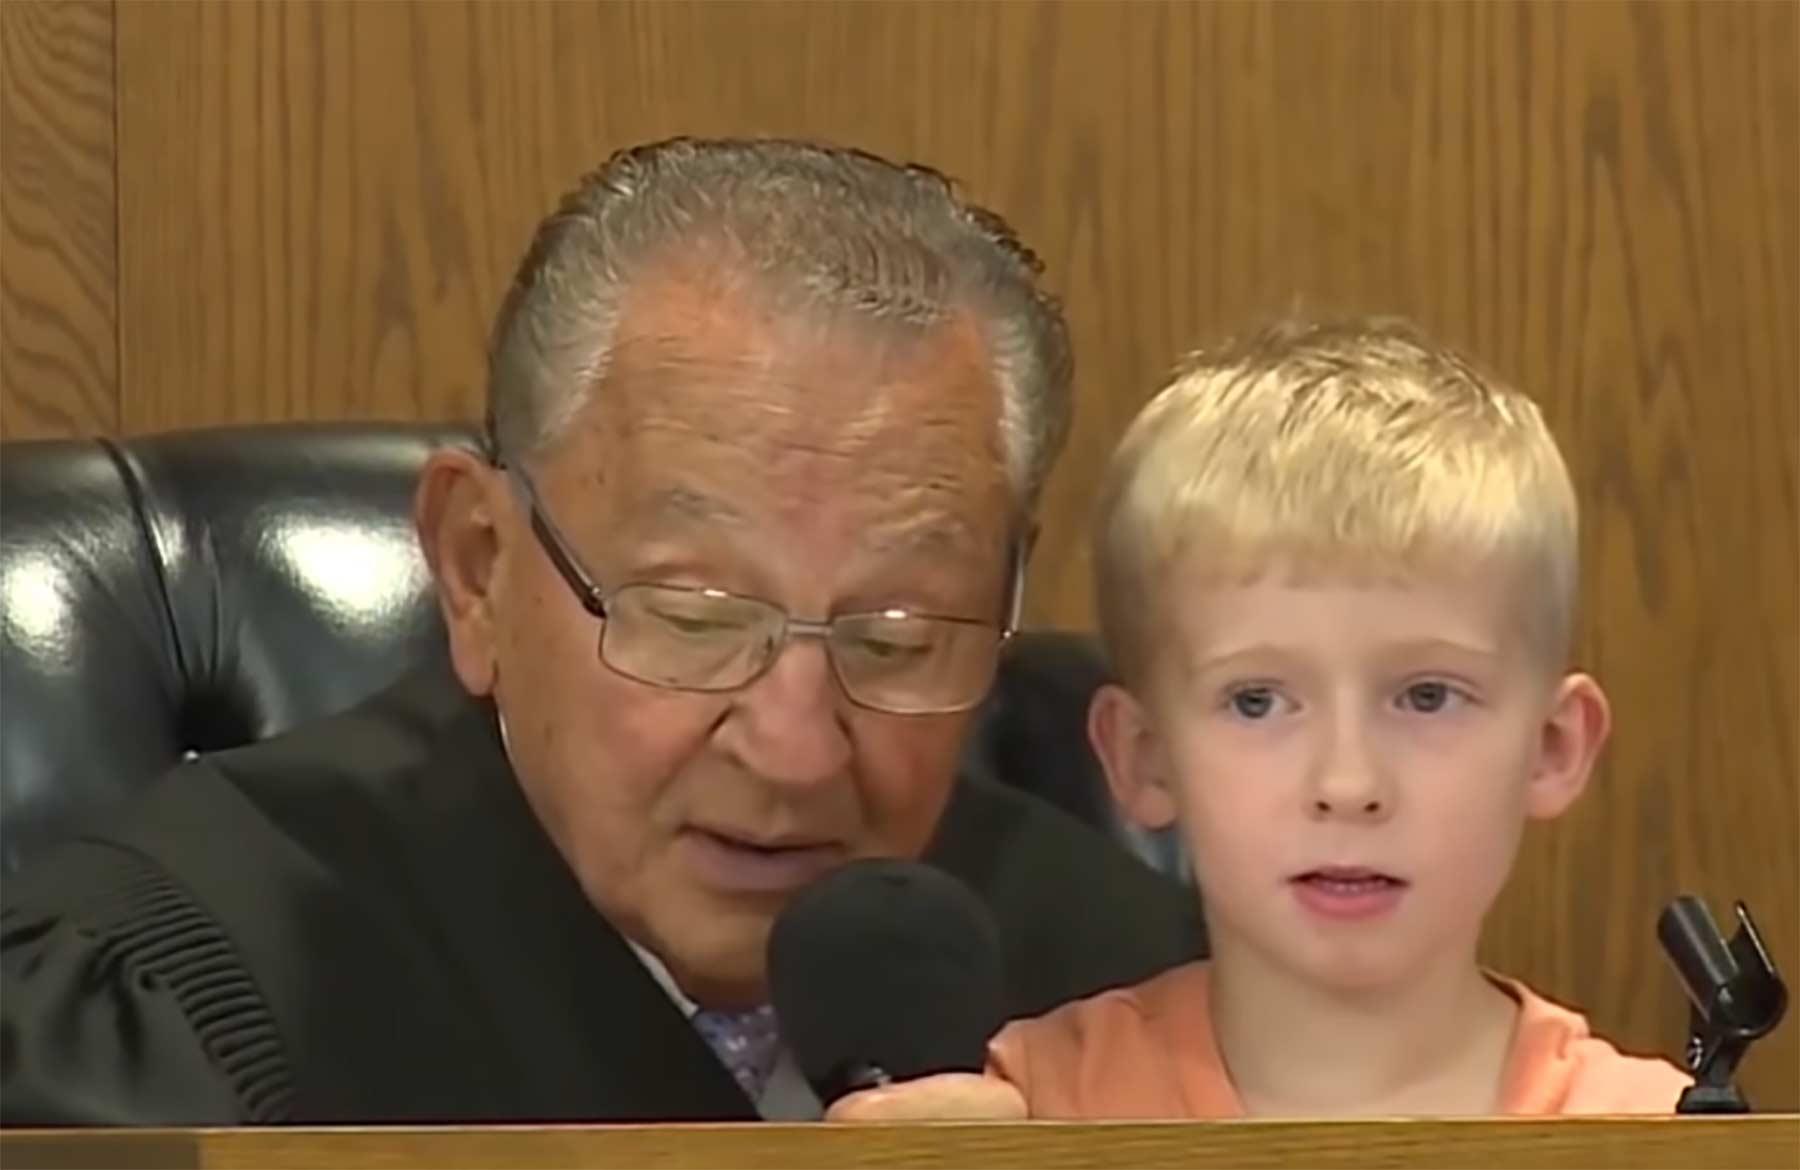 Richter lässt kleinen Jungen über das Strafmaß des Vaters entscheiden